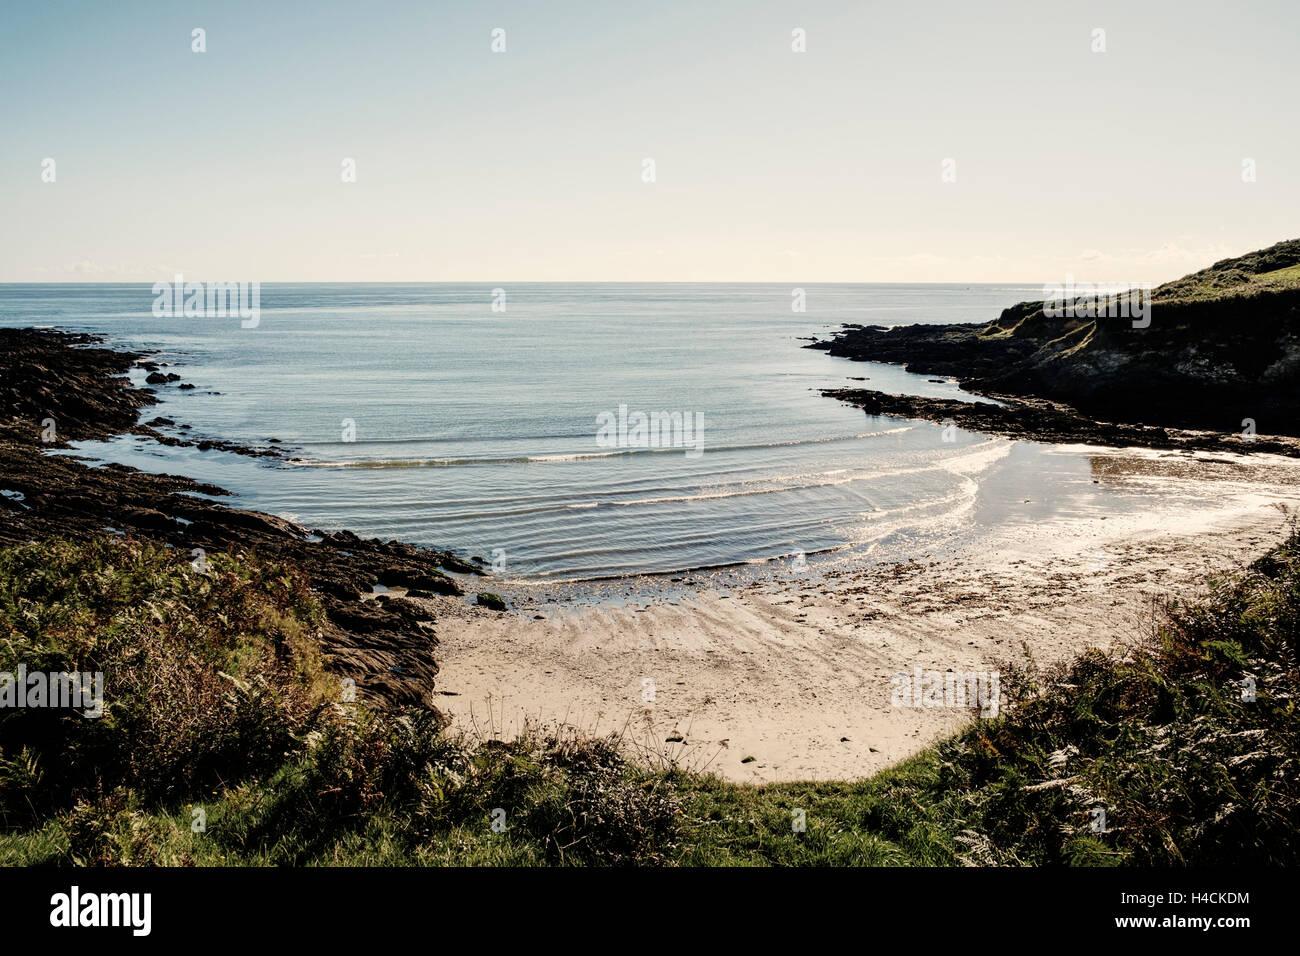 Plages de Cornwall - plage de sable fin et de l'océan calme et cove, Cornwall, England, UK Banque D'Images